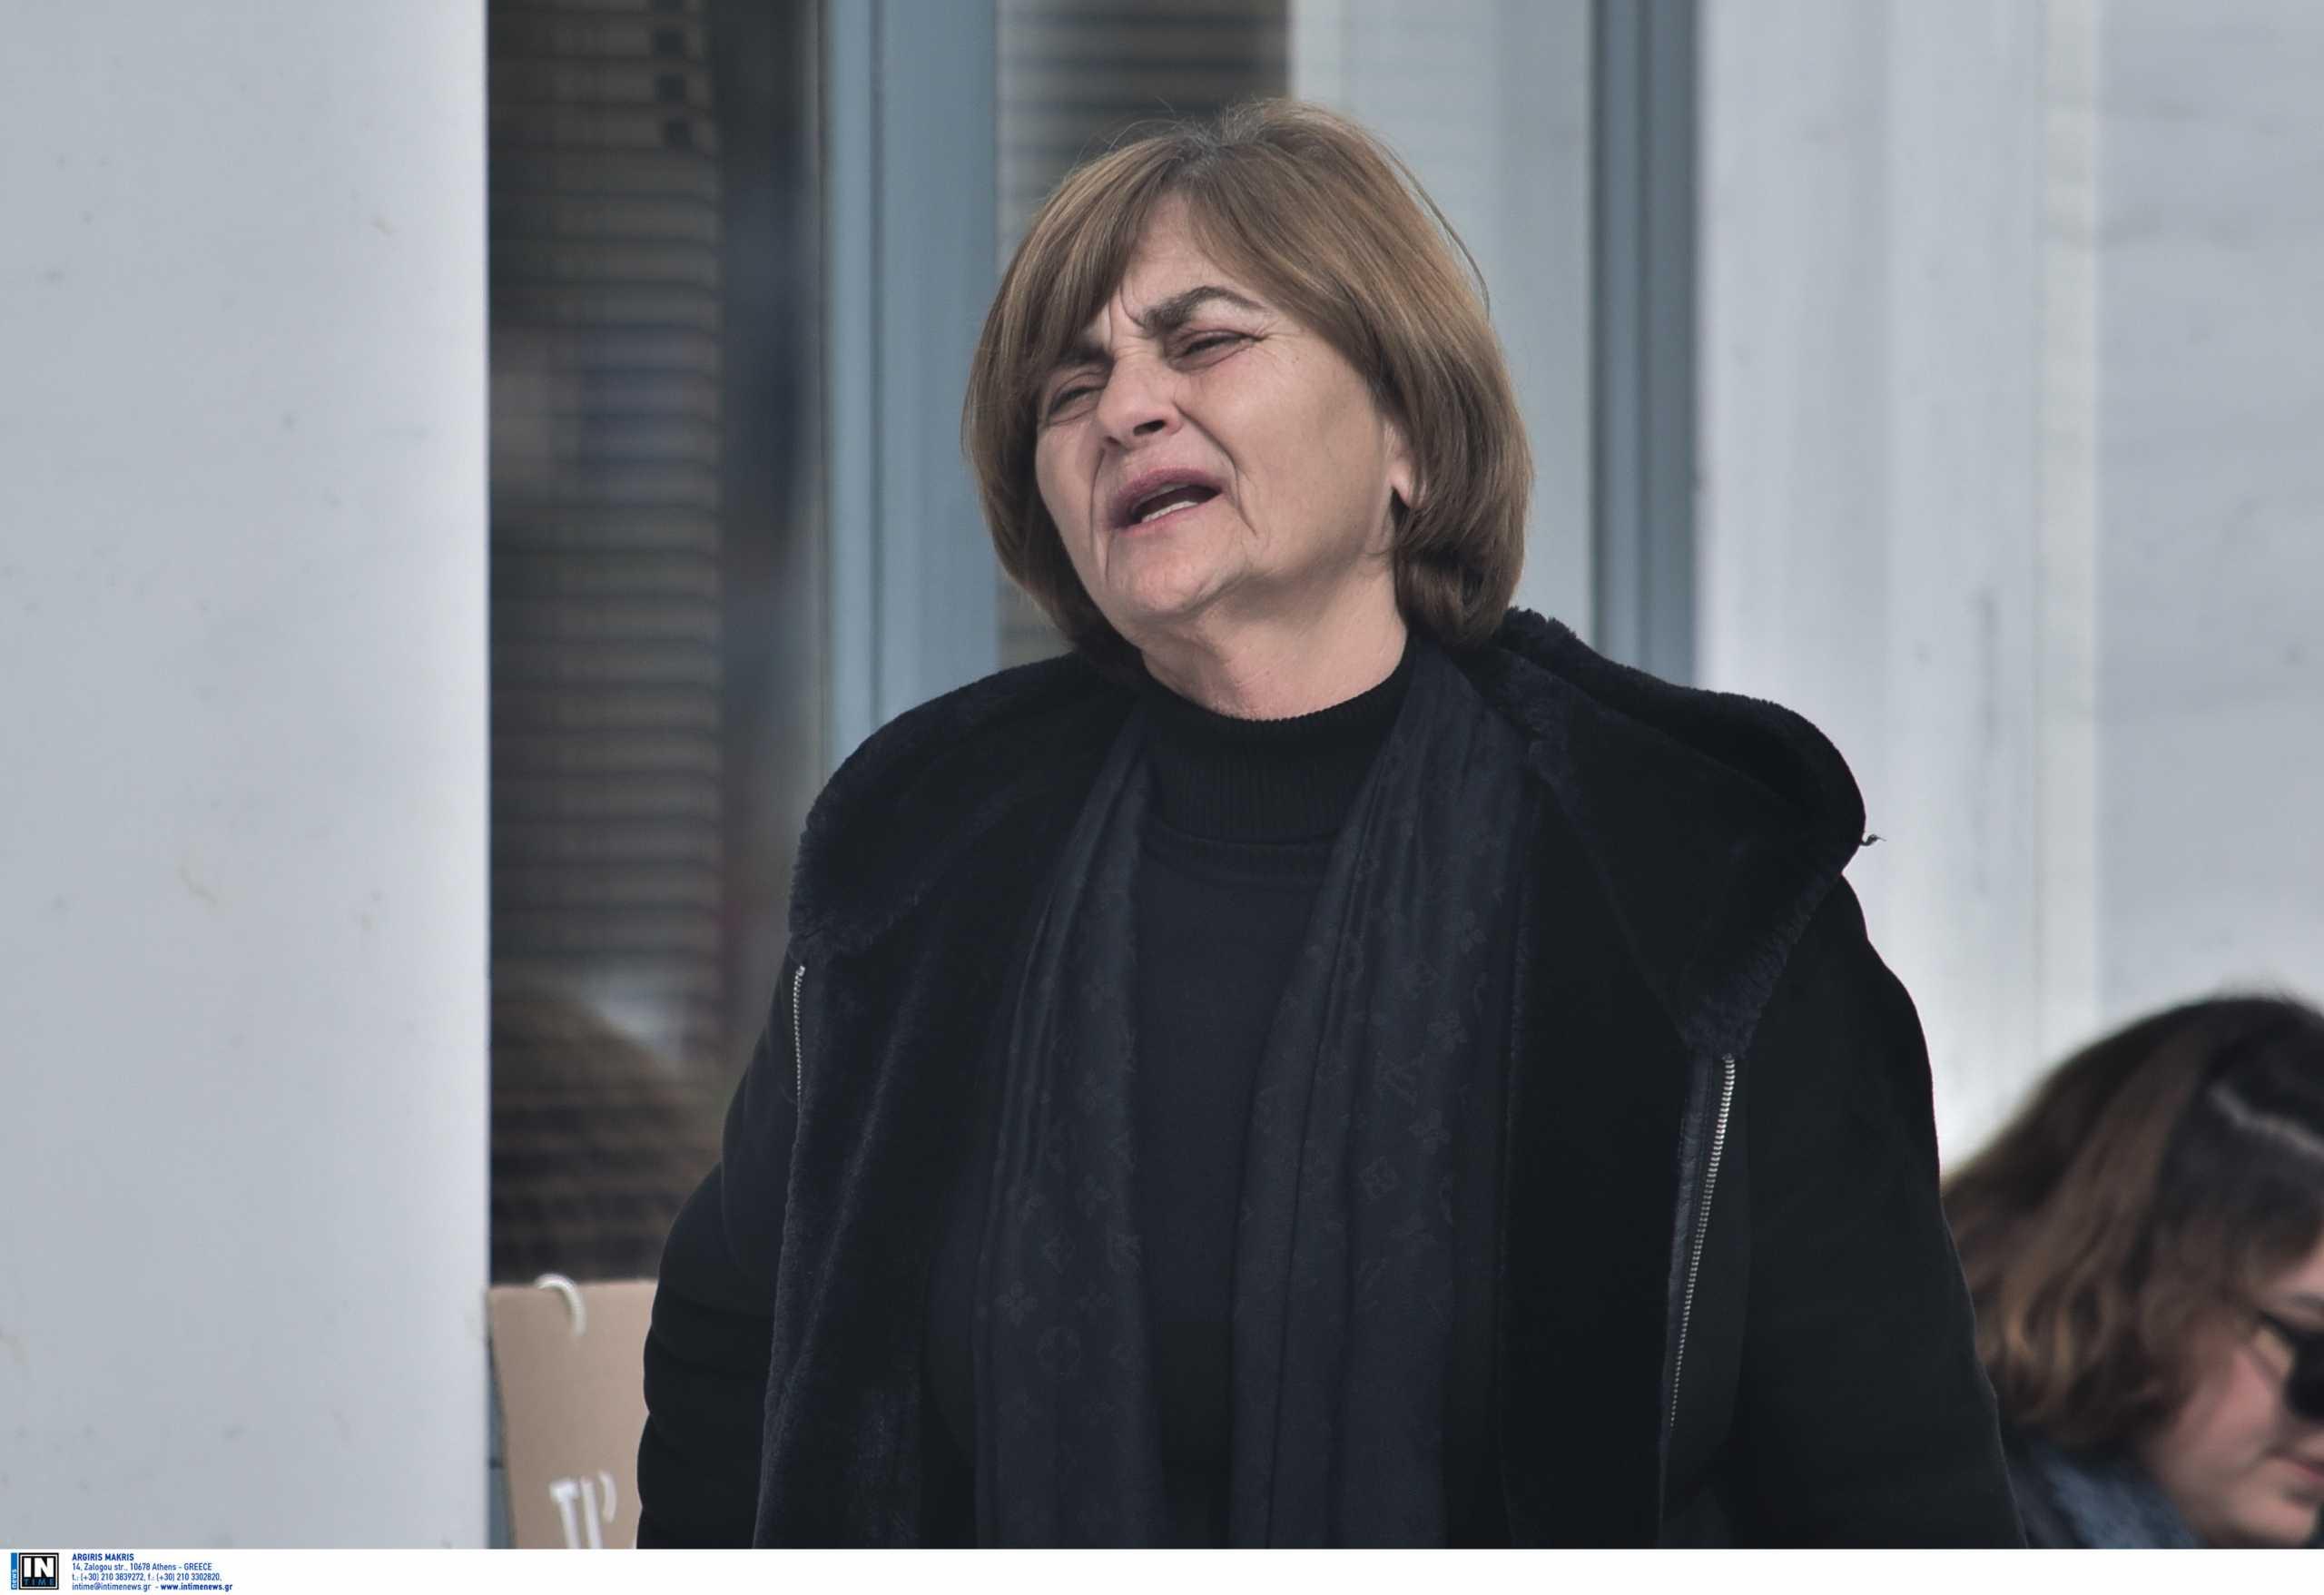 Συγκλονίζει η μητέρα της Ελένης Τοπαλούδη: Σπίτια που κρύβουν Γολγοθά, με κακοποιητές συζύγους